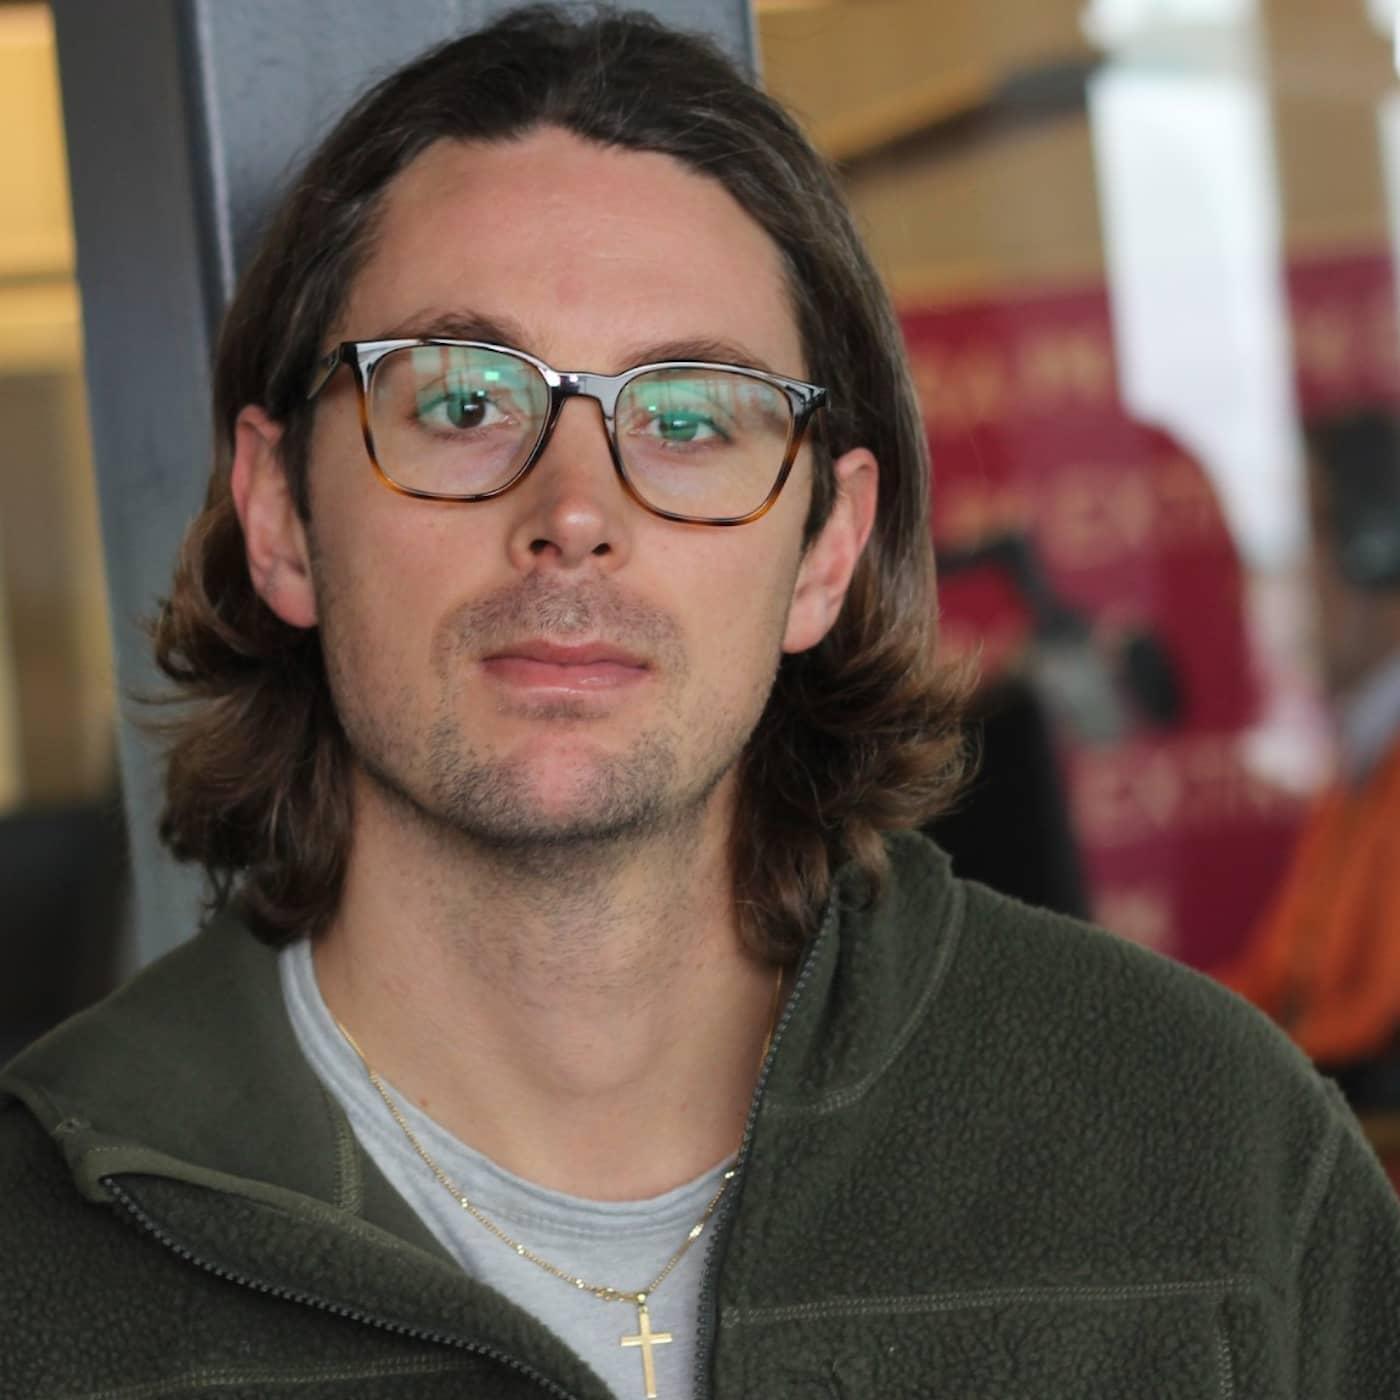 Albin Lee Meldau vill ut i världen och flyttar hem till Göteborg